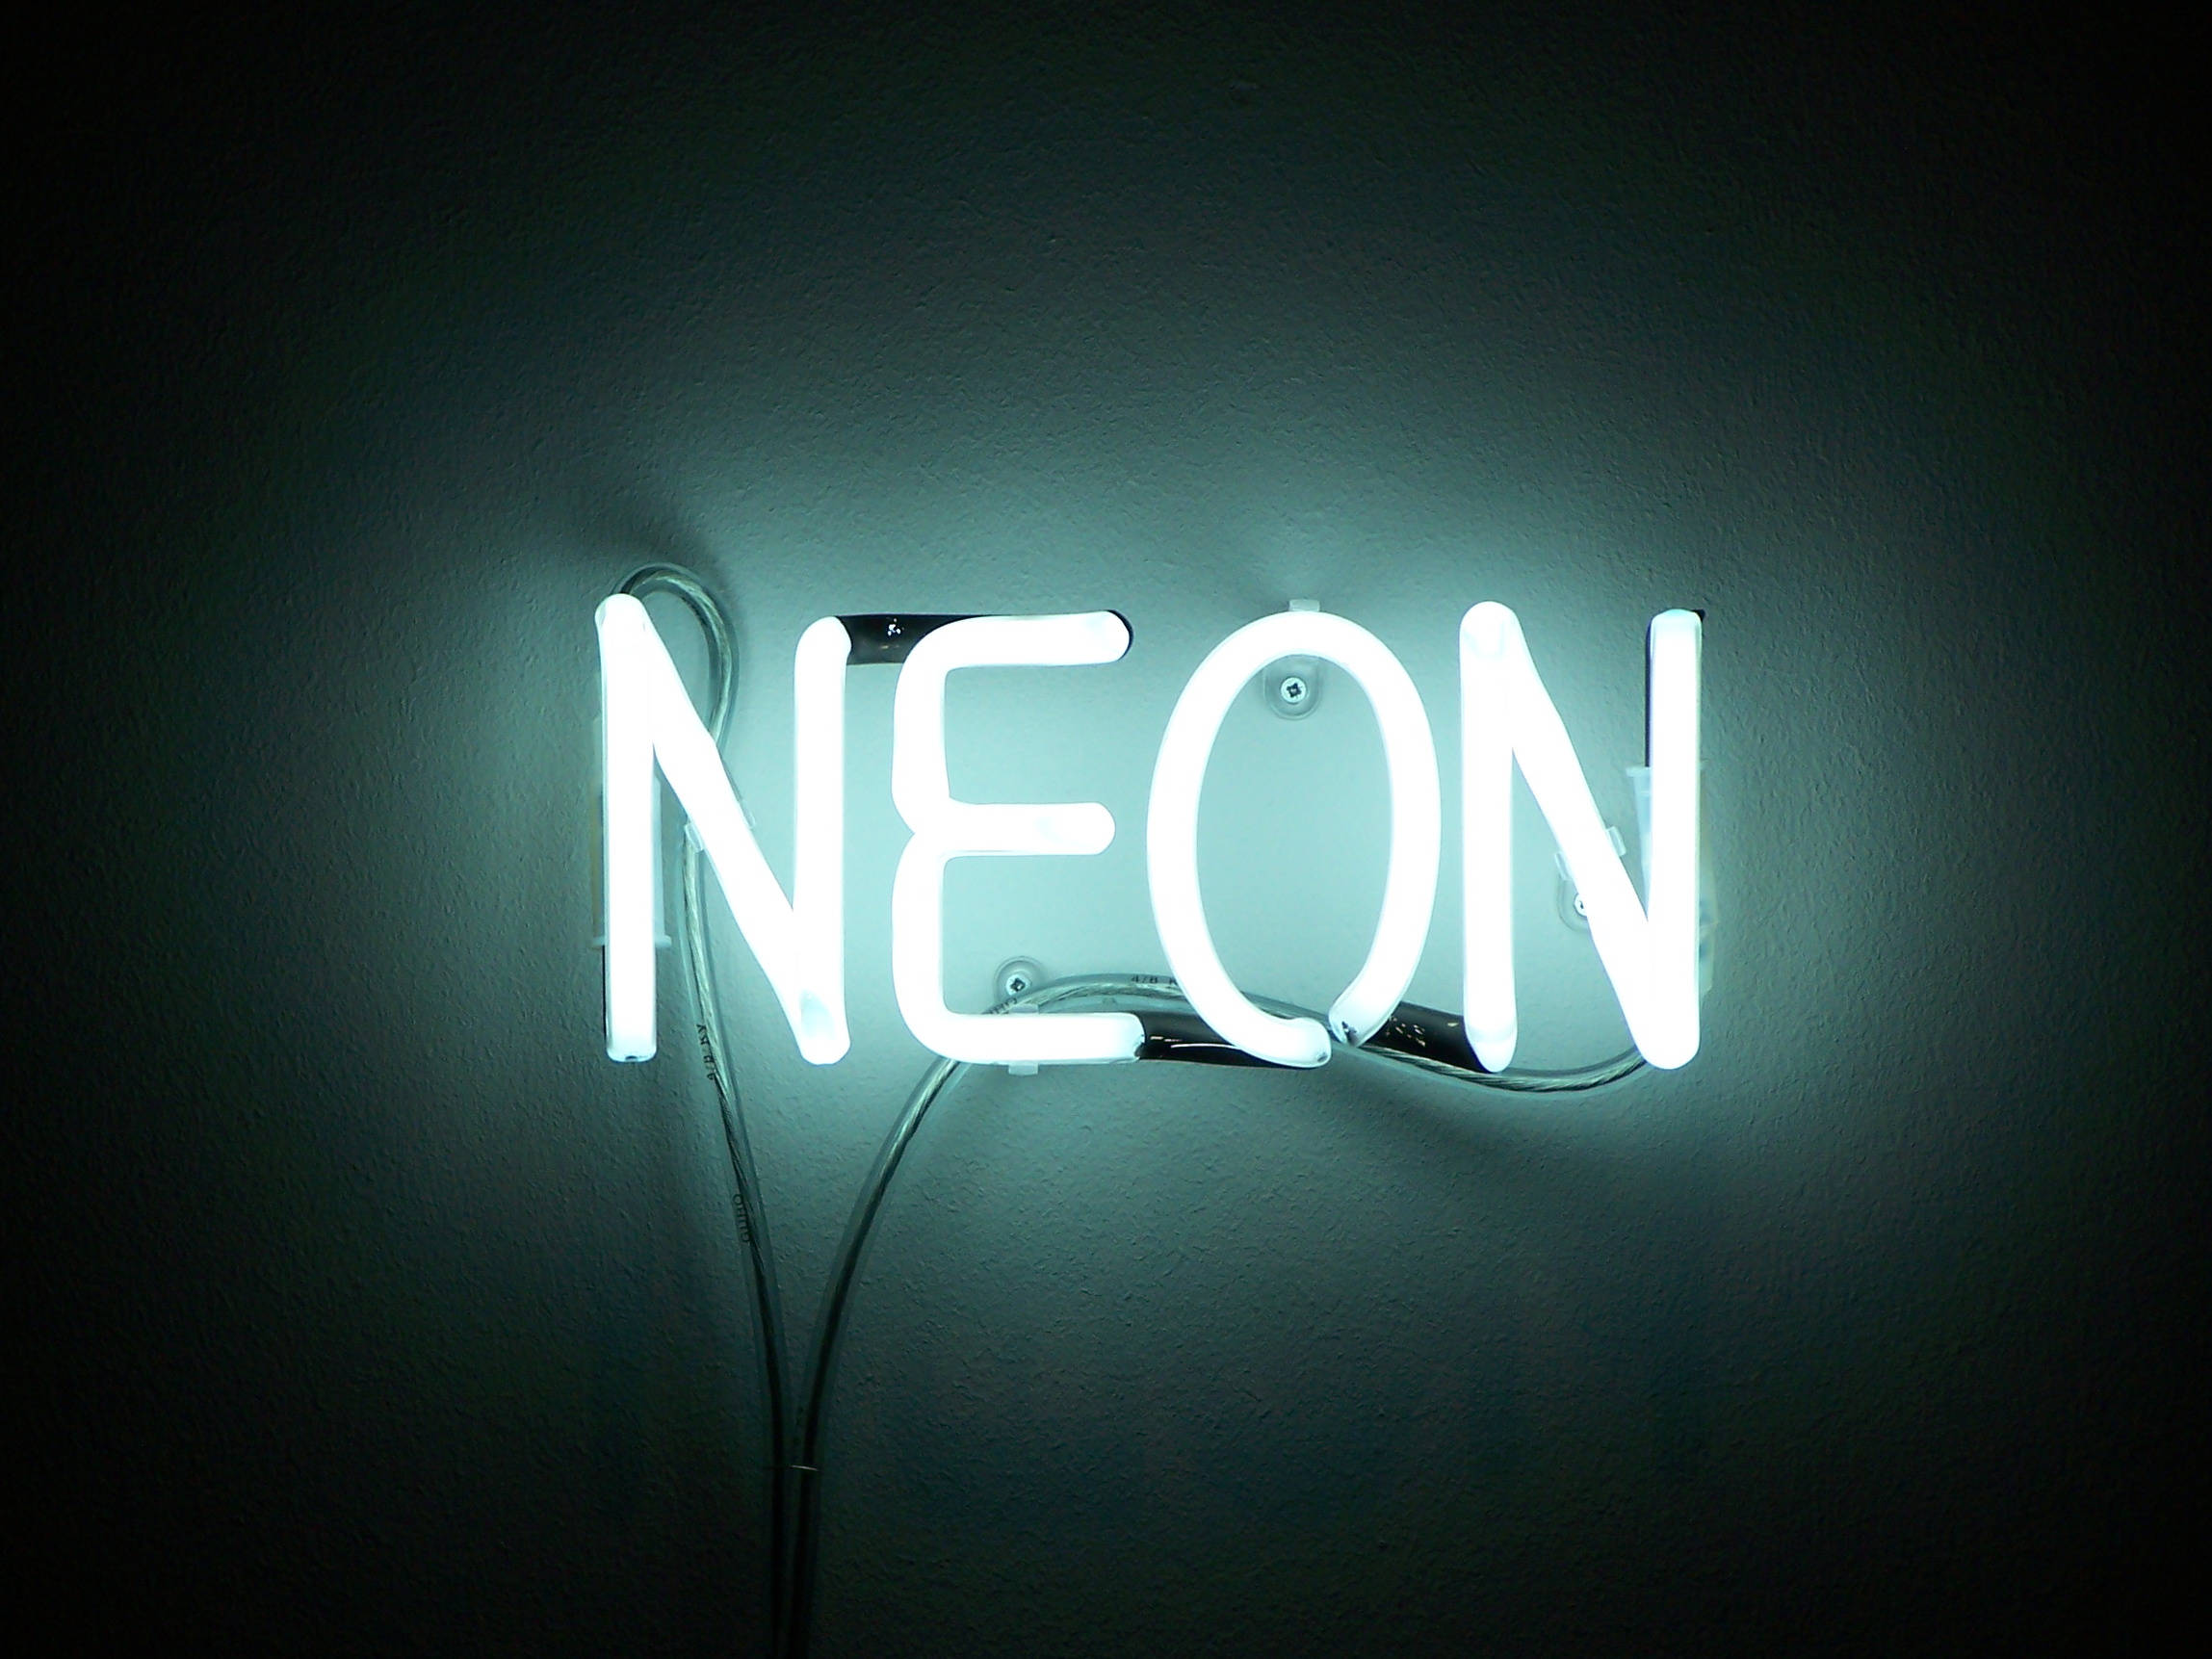 neon-2297-1723-wallpaper